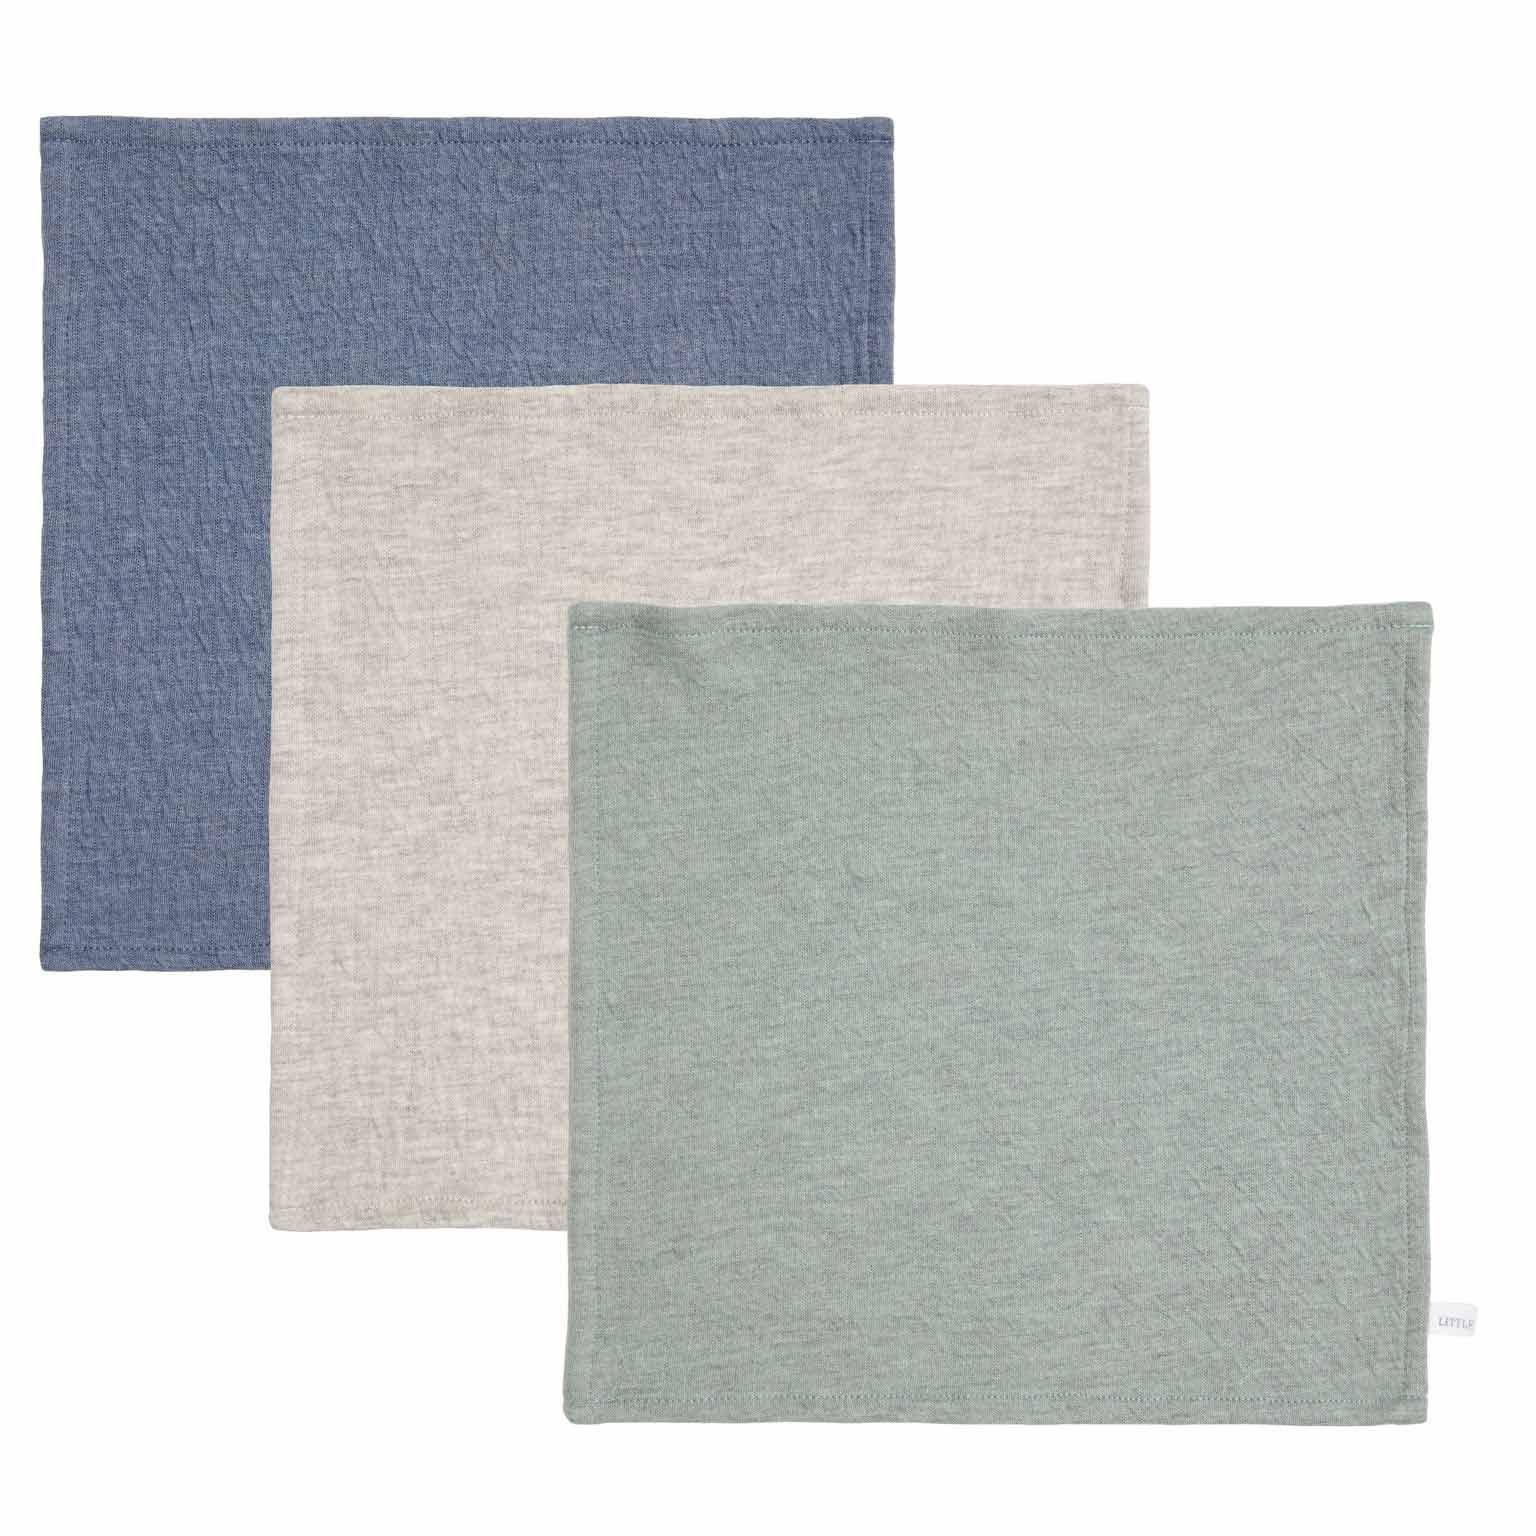 Spucktücher Mundtücher 3er Set Pure blau grau mint (Gr. 26x26 cm)